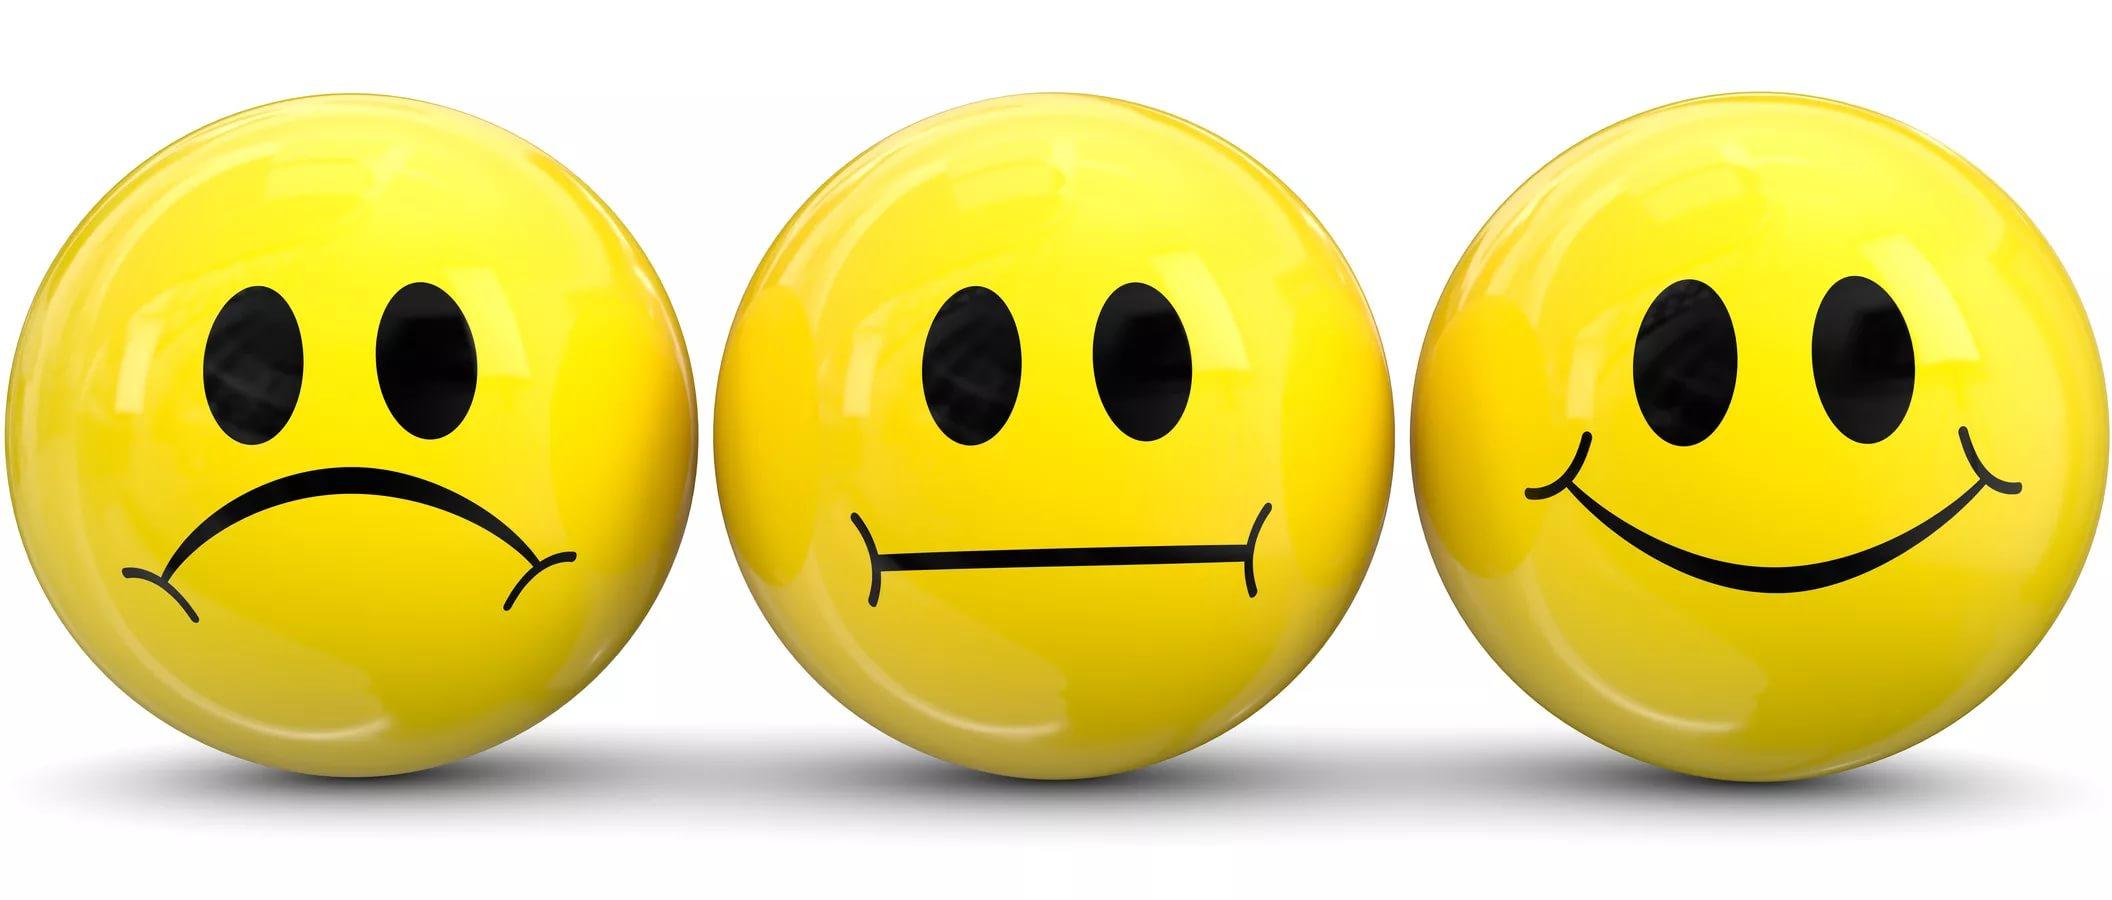 хорошего стоматолога смайлики картинки грустные веселые и равнодушные пограничник